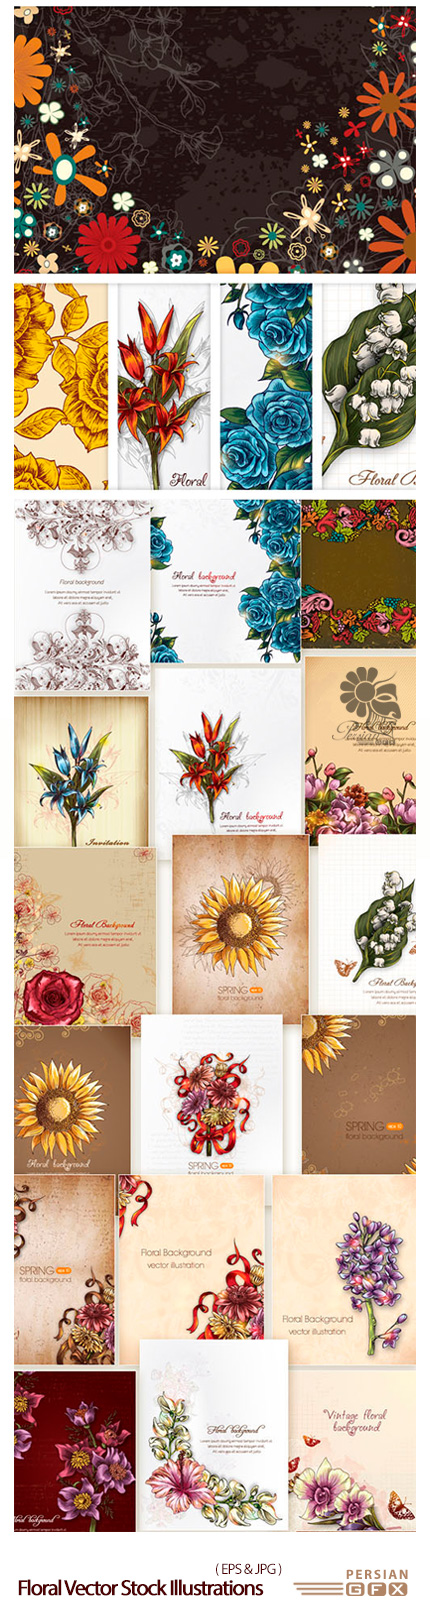 دانلود تصاویر وکتور پس زمینه های تزئینی گلدار - Floral Vector Stock Illustrations Bundle